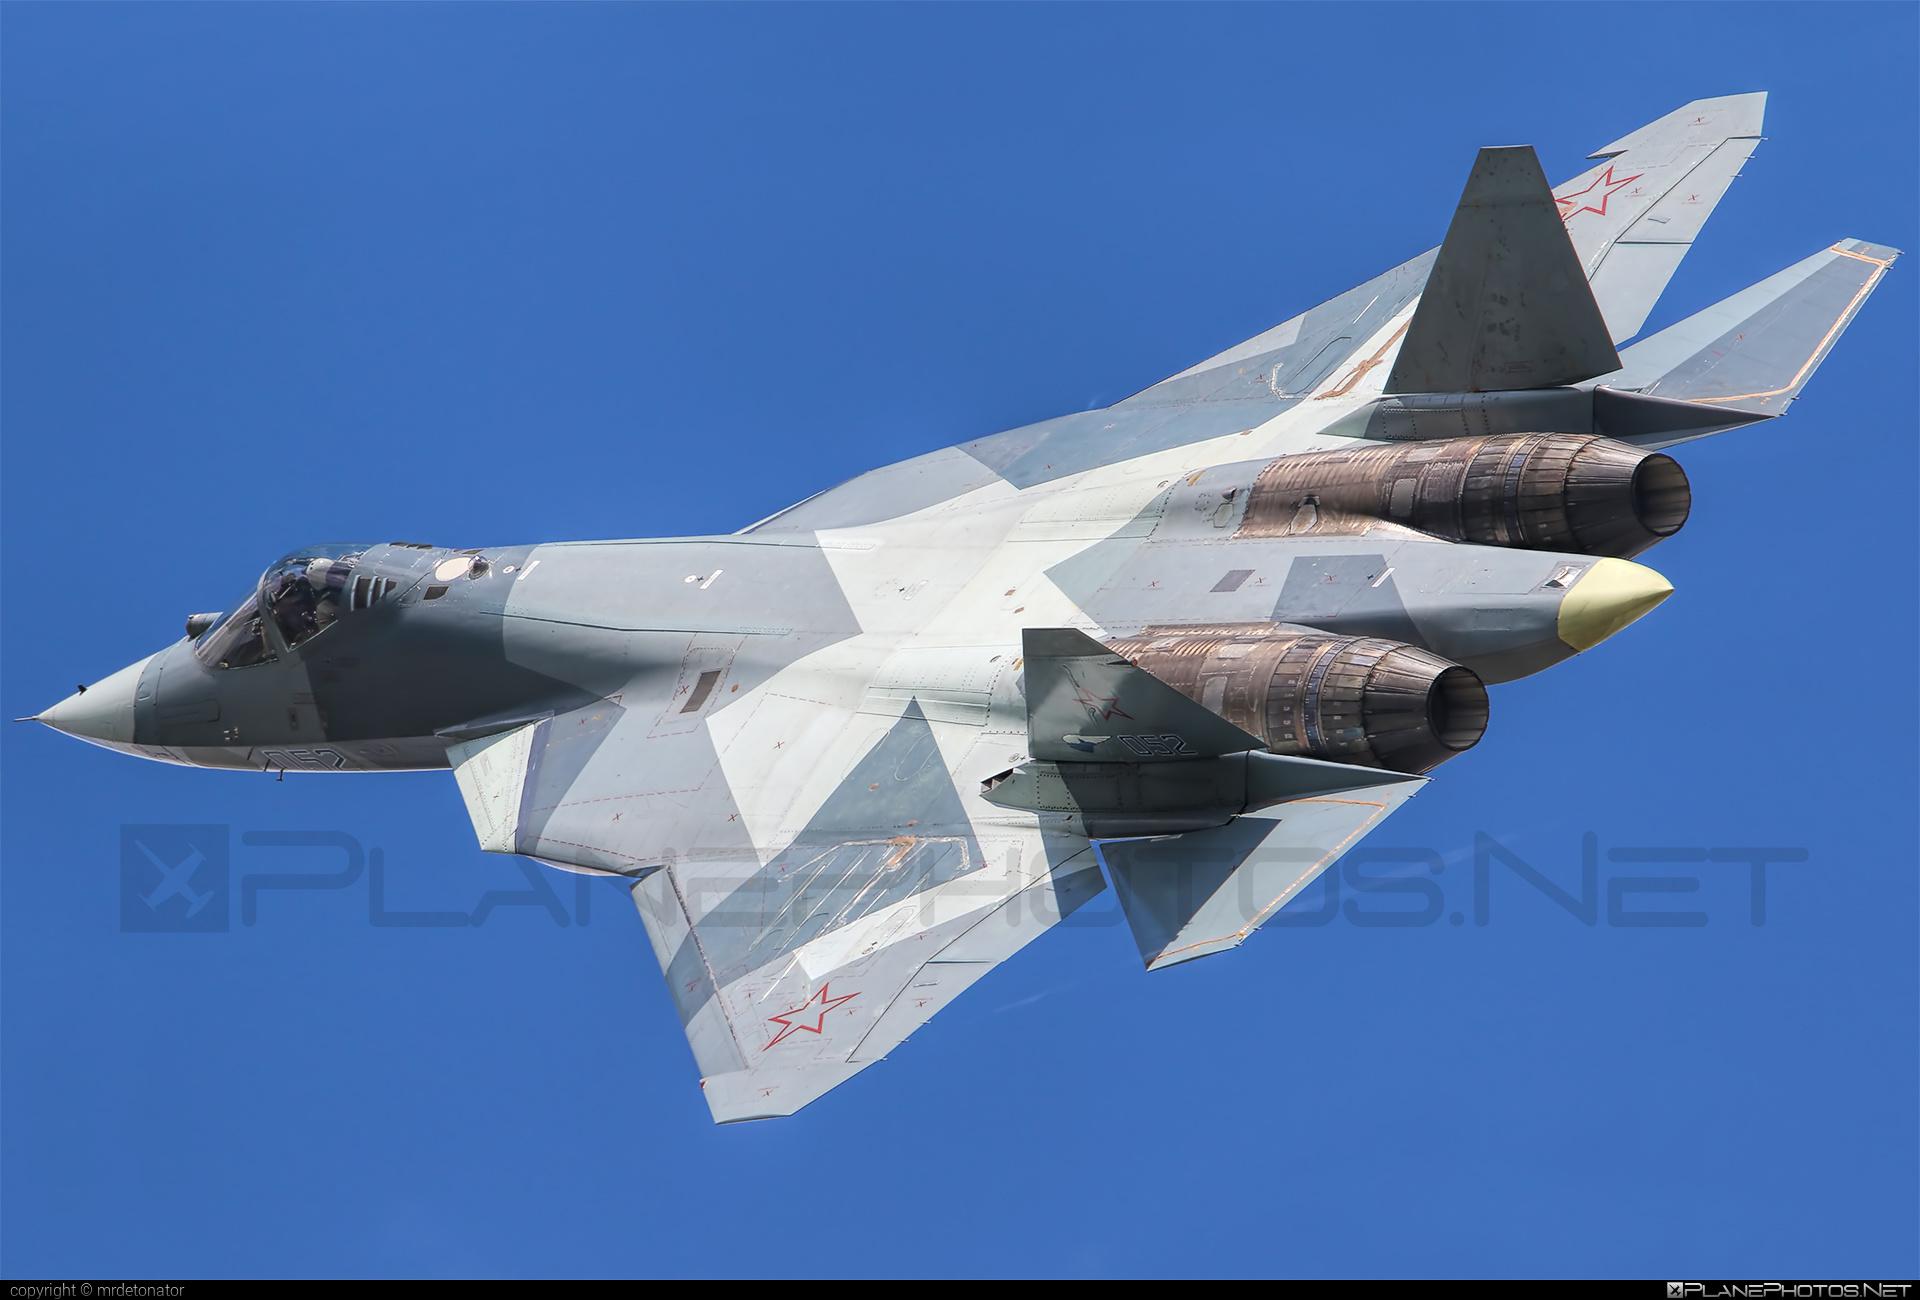 Sukhoi T-50 - 052 operated by Sukhoi Design Bureau #su57 #sukhoi #sukhoi57 #sukhoit50 #t50